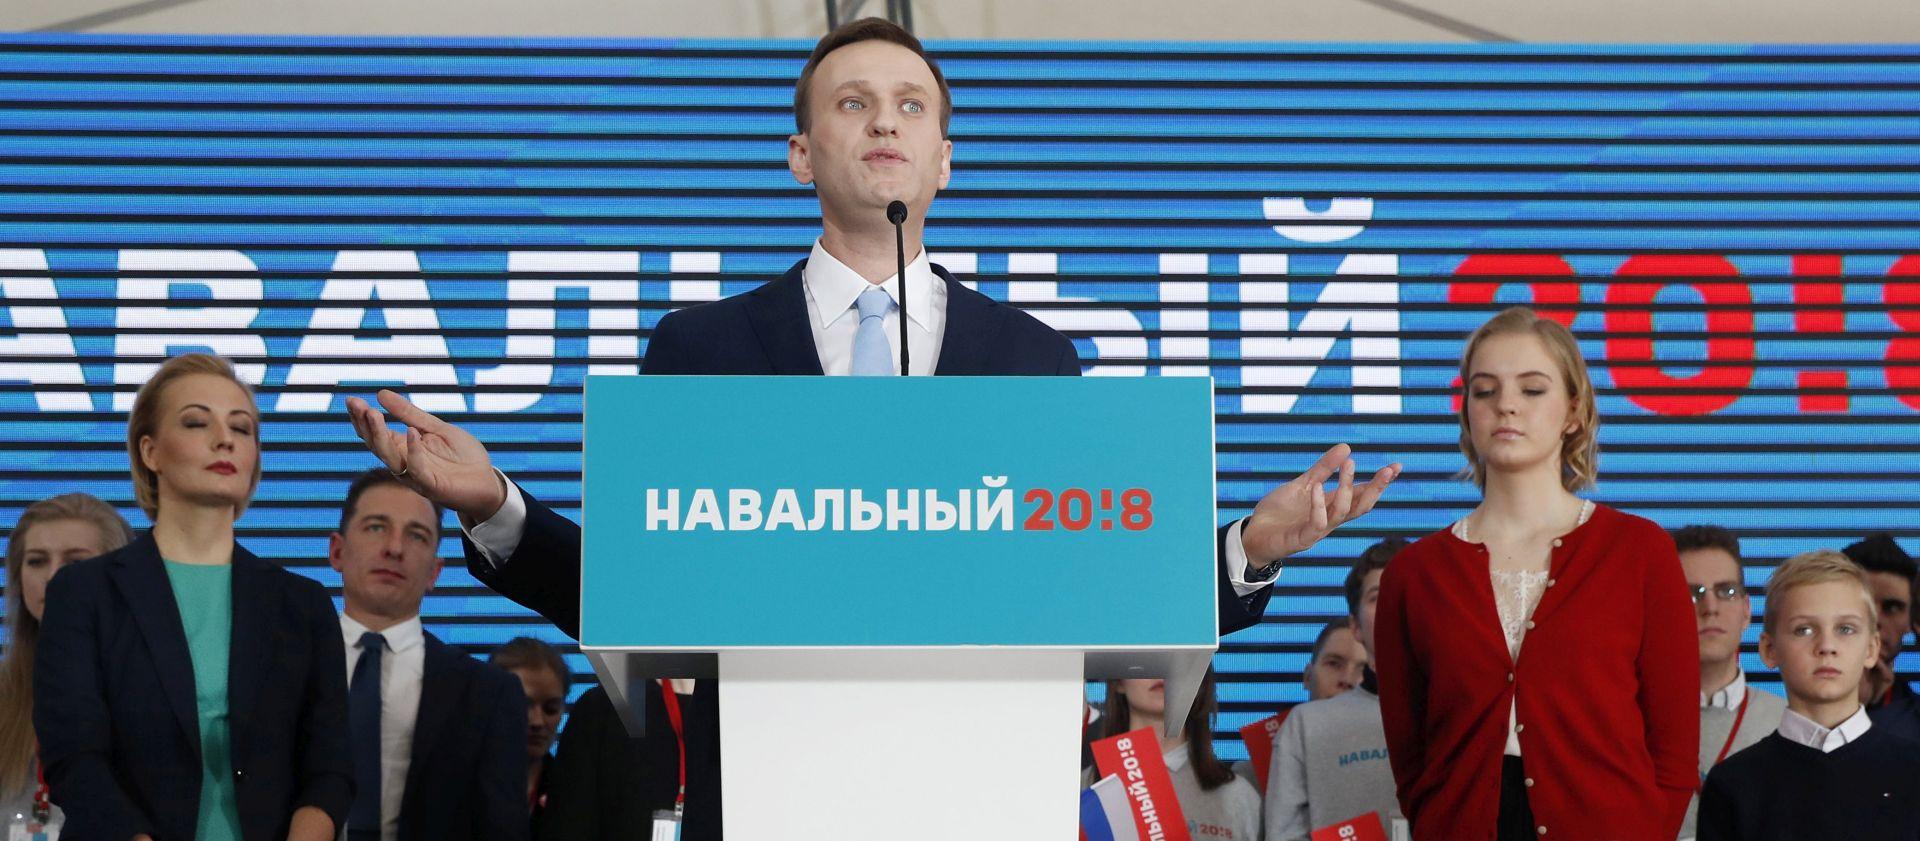 KREMLJ Navaljni se ne može kandidirati na ruskim predsjedničkim izborima